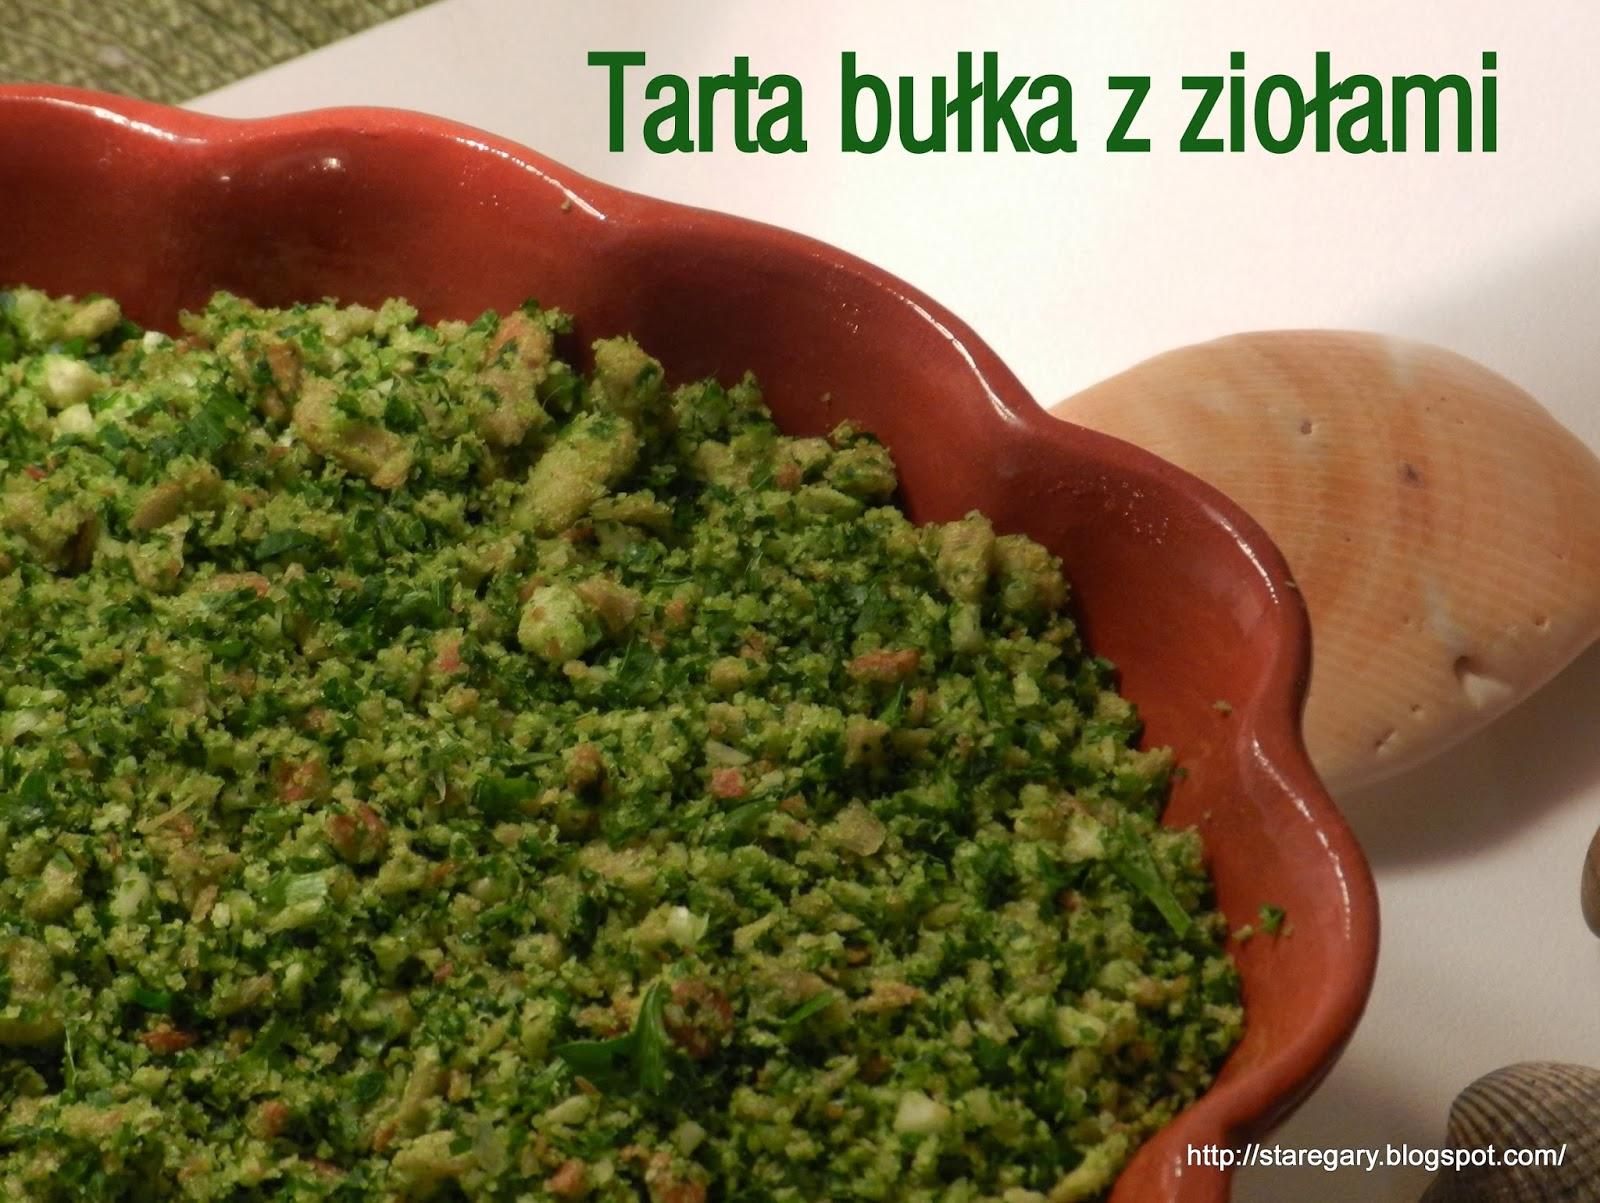 Tarta bułka z ziołami